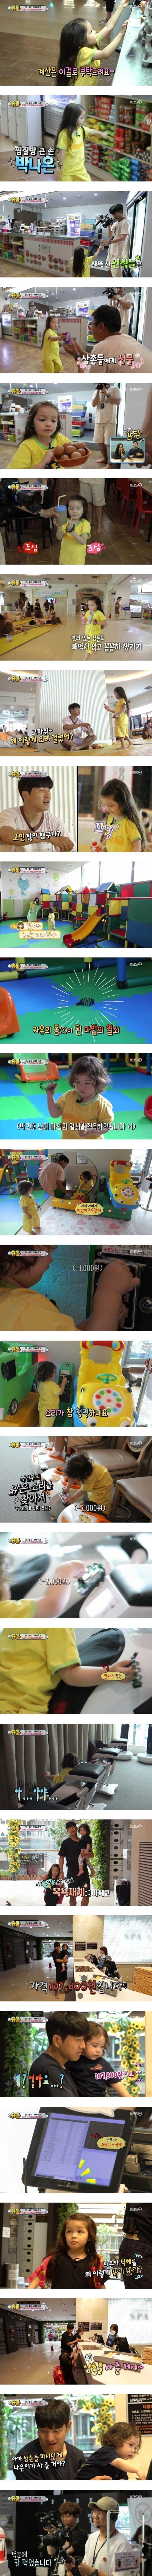 출처: ⓒ KBS2 '슈퍼맨이 돌아왔다' 방송화면 캡쳐